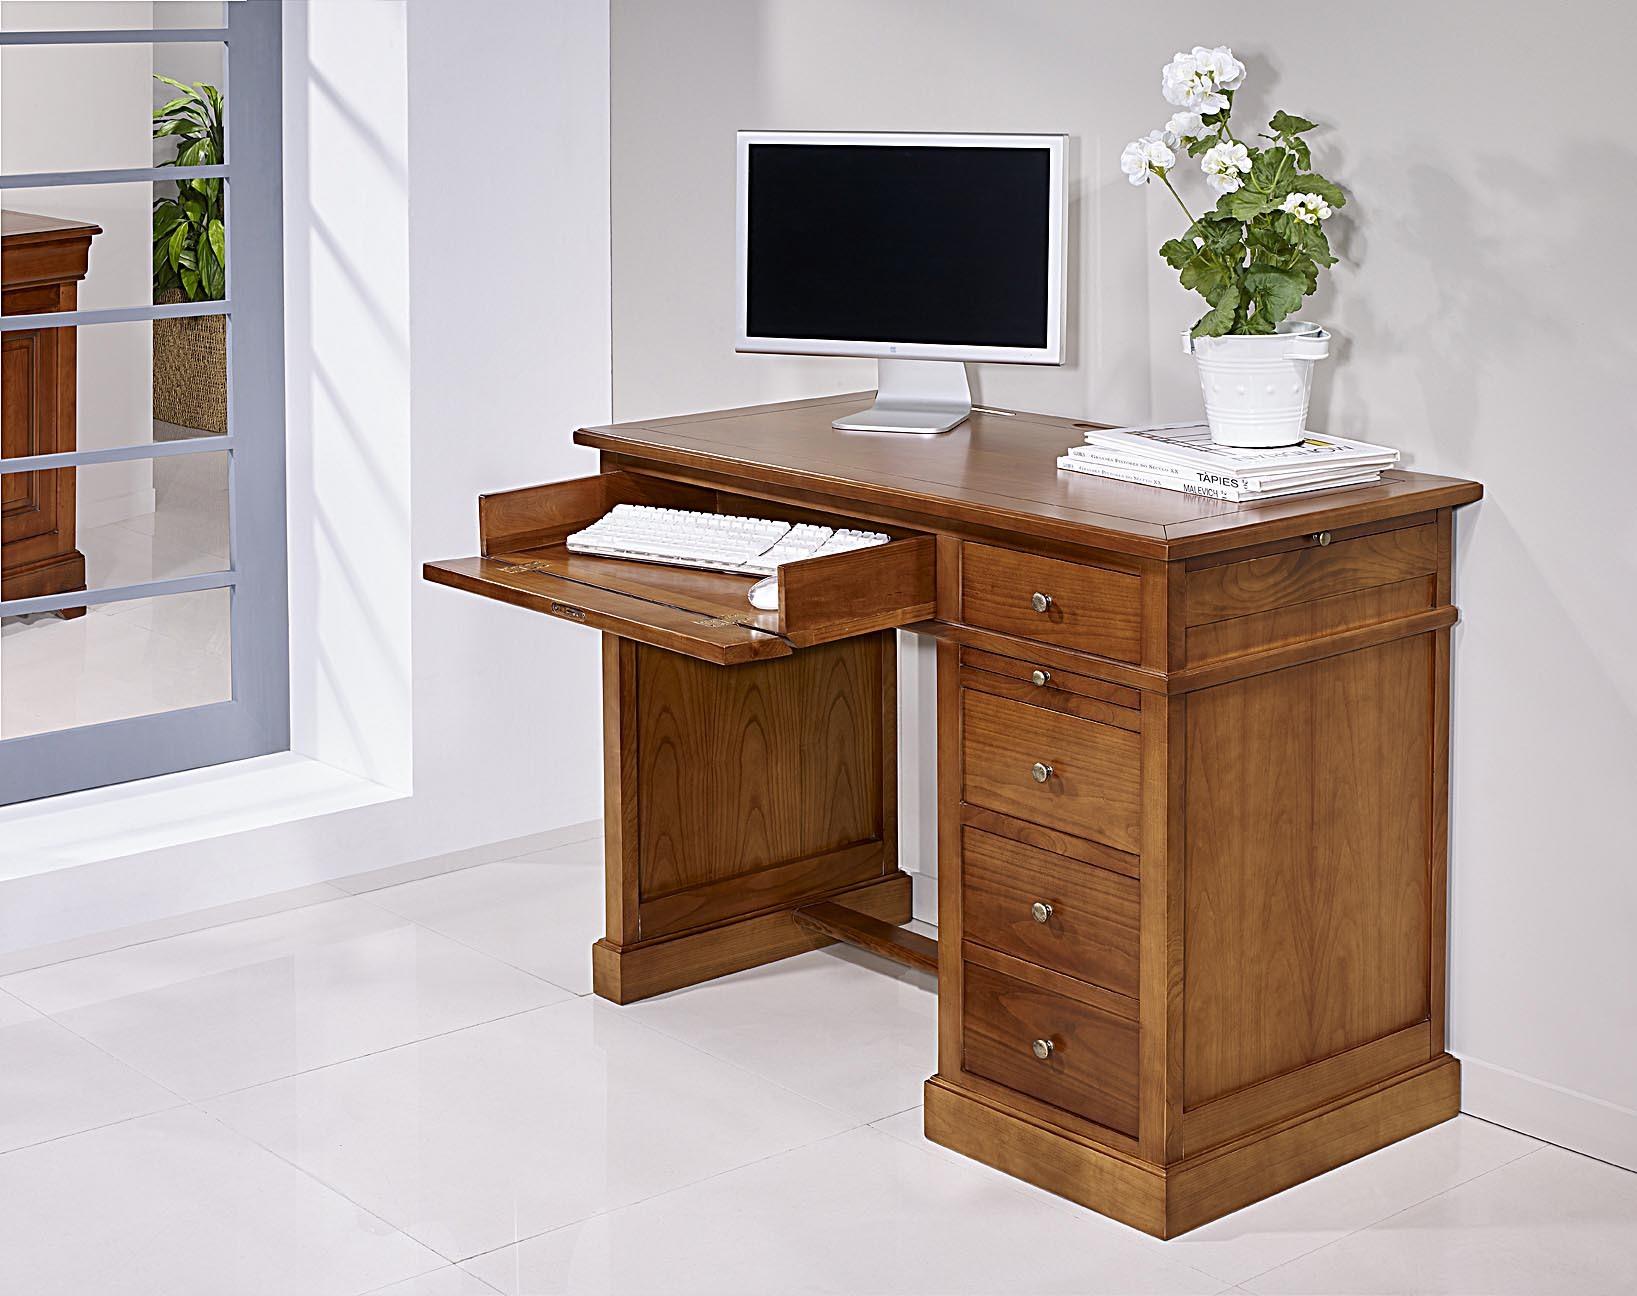 Petit bureau lucie en merisier de style louis philippe plateau merisier meuble en merisier massif - Petit meuble merisier louis philippe ...